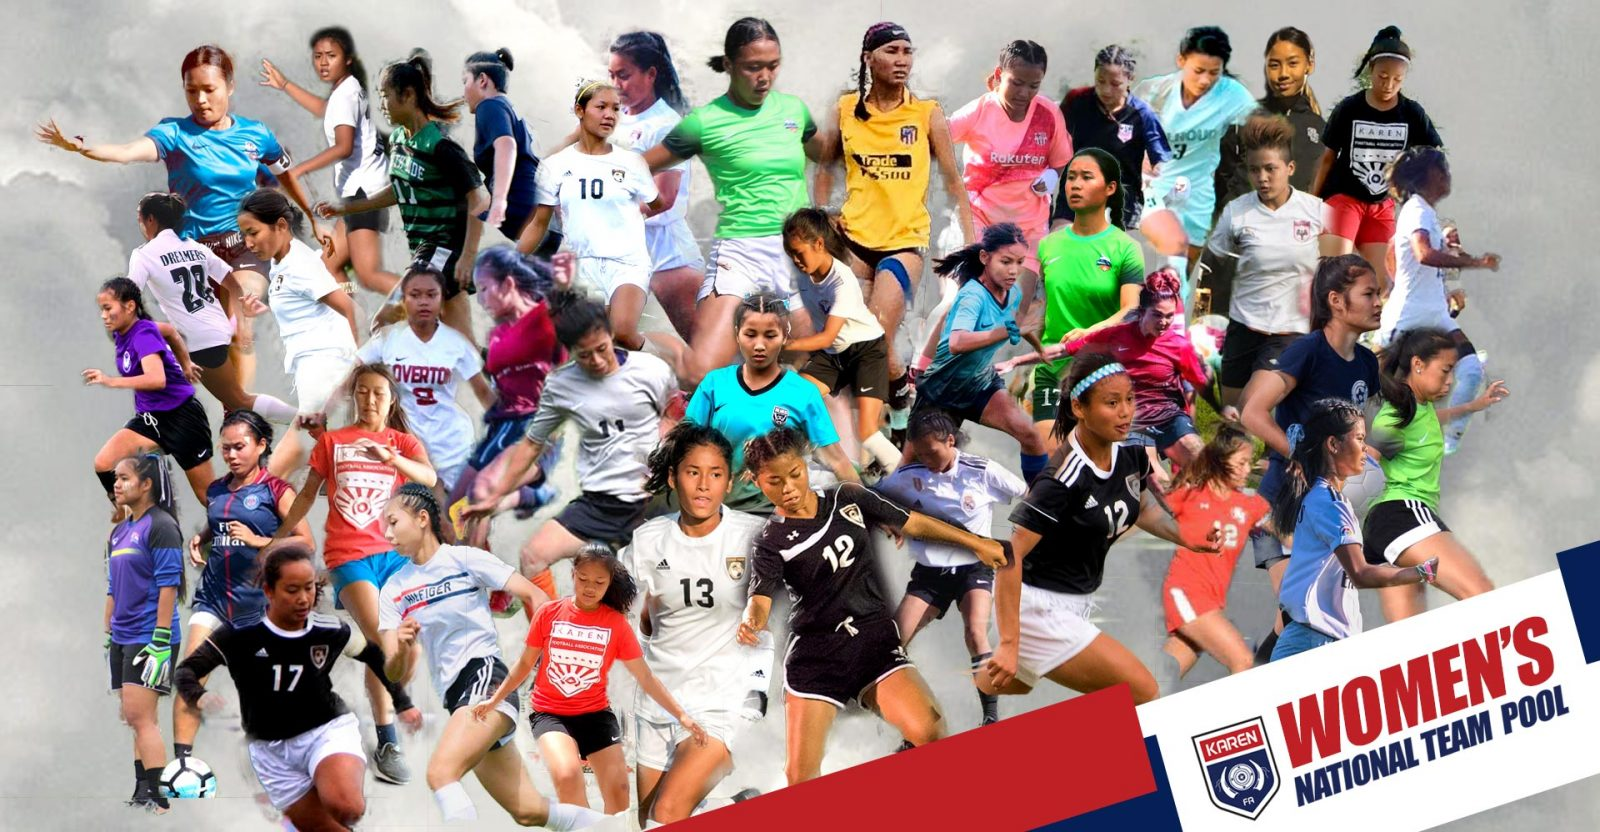 karen-national-team-full-image-header-desktop-womens-pool-2020